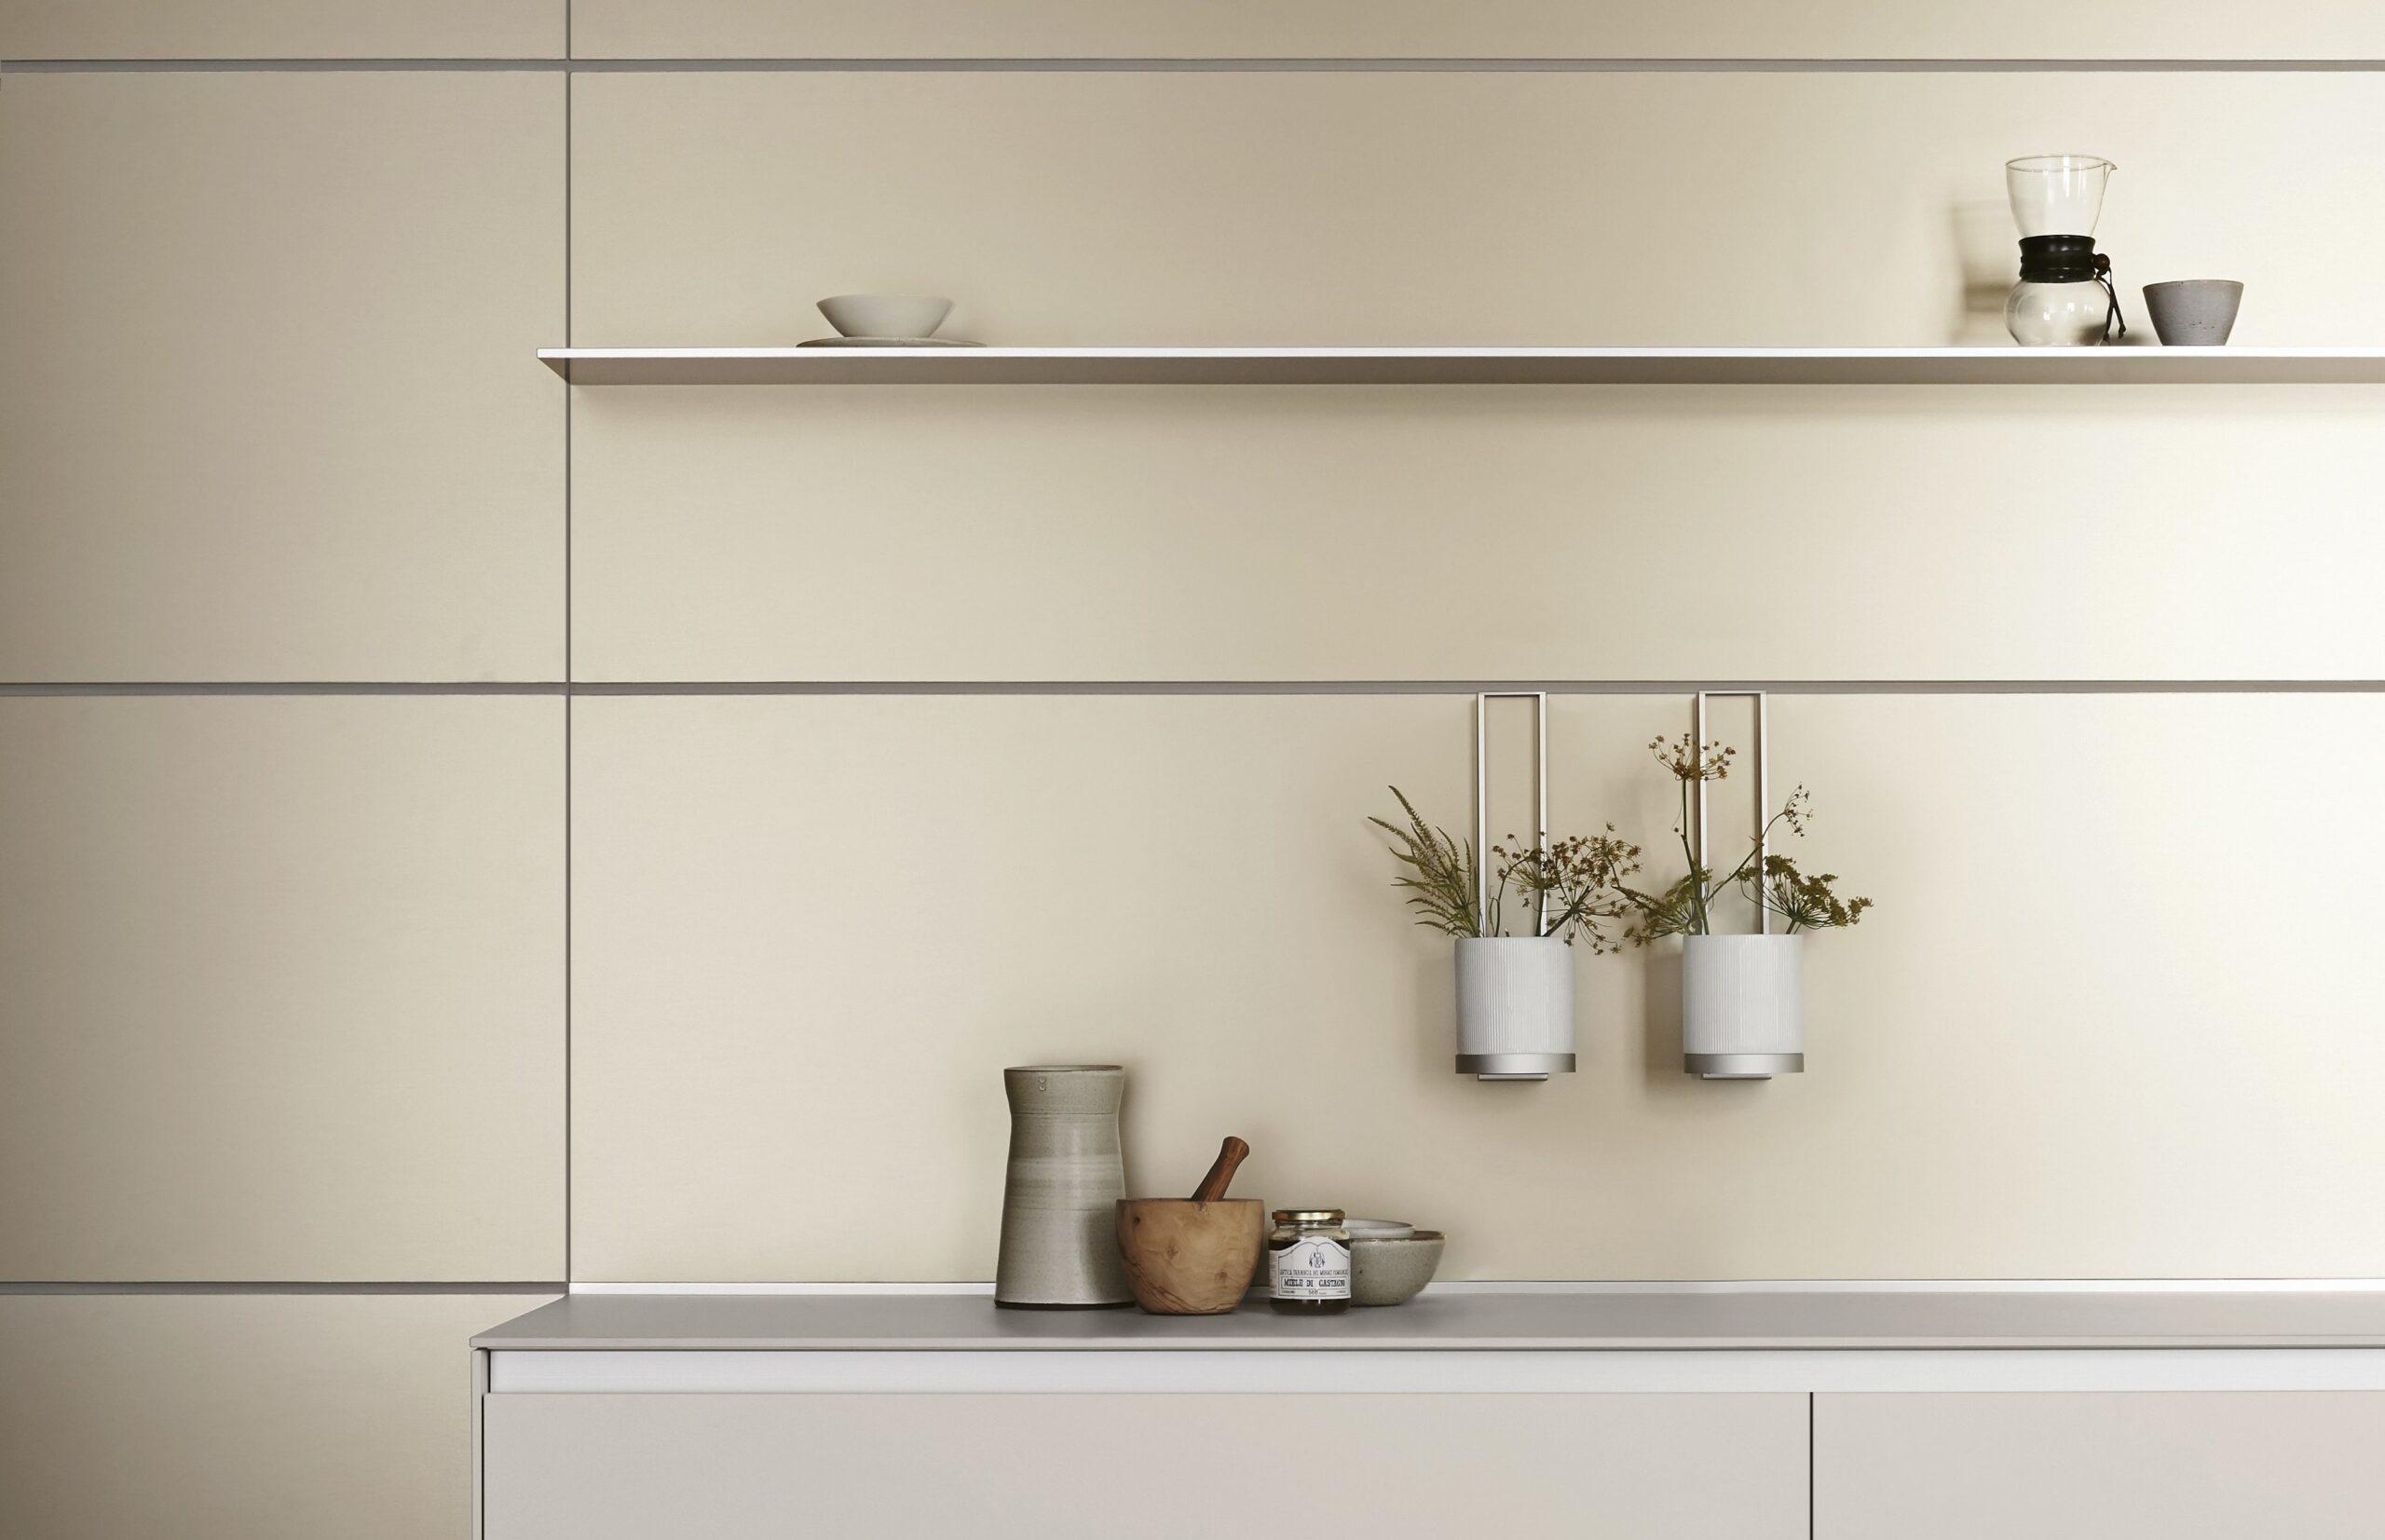 Full Size of Fliesenspiegel Verkleiden Kchenrckwand Aus Glas Küche Selber Machen Wohnzimmer Fliesenspiegel Verkleiden